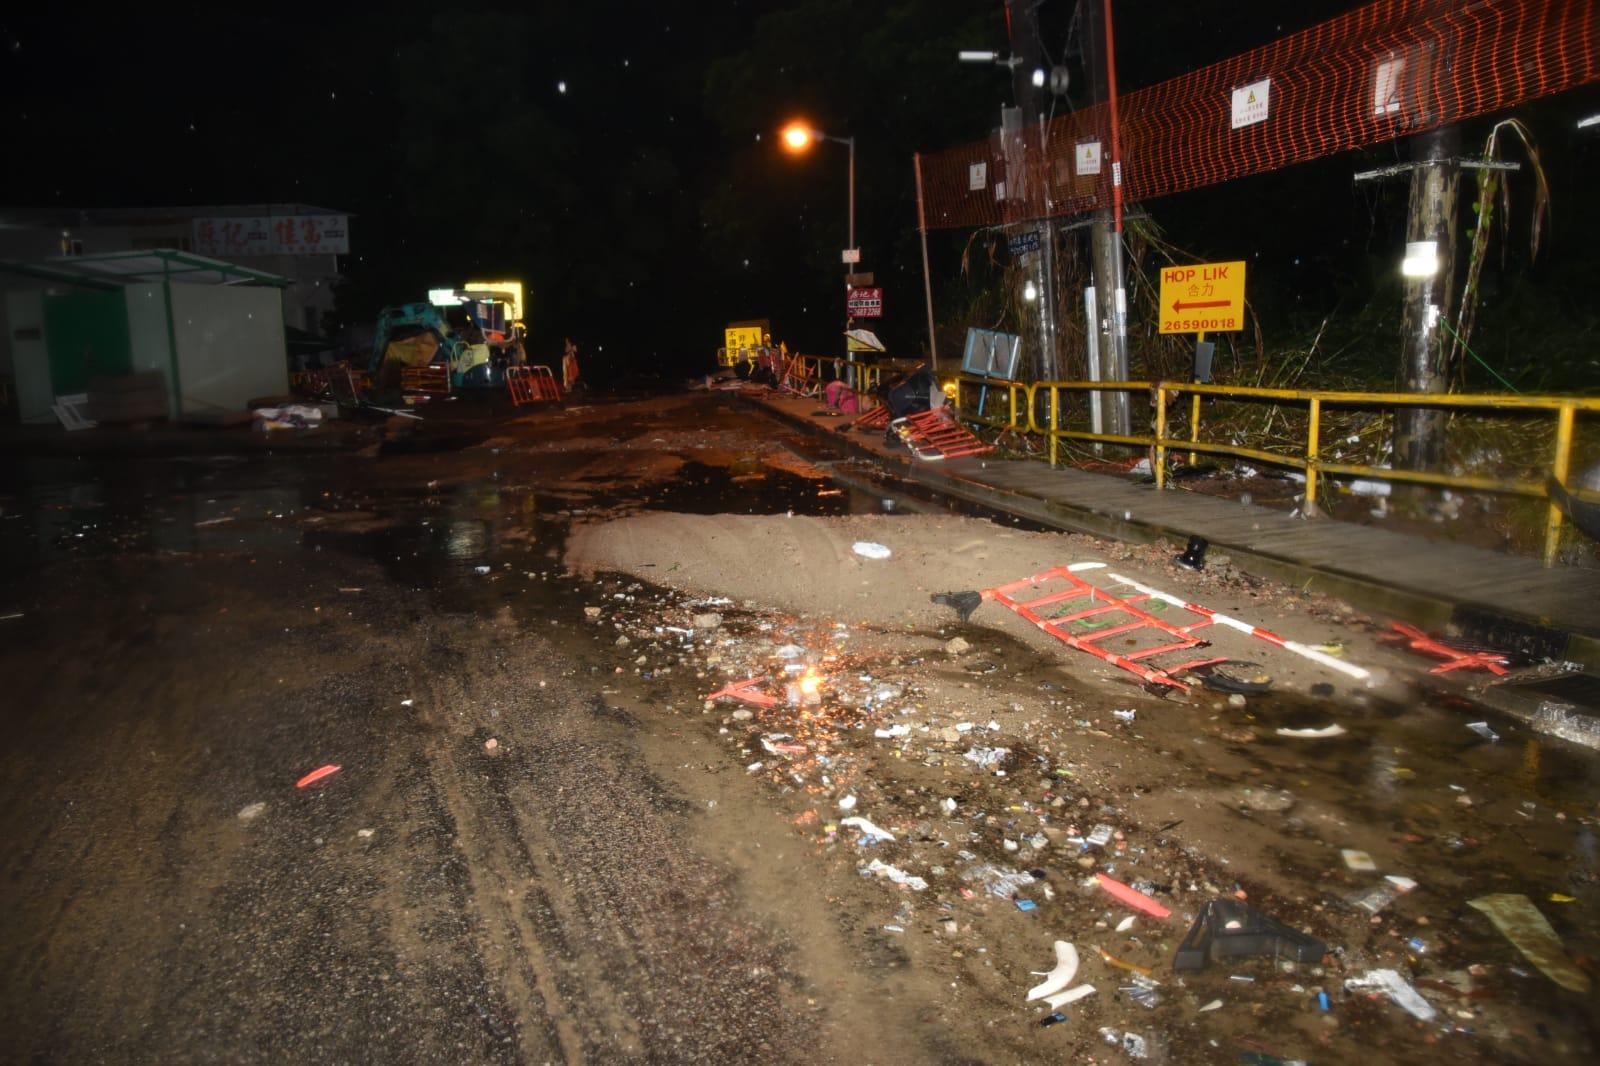 水退後見到村內路面被洪水沖毀,留下一地沙石。